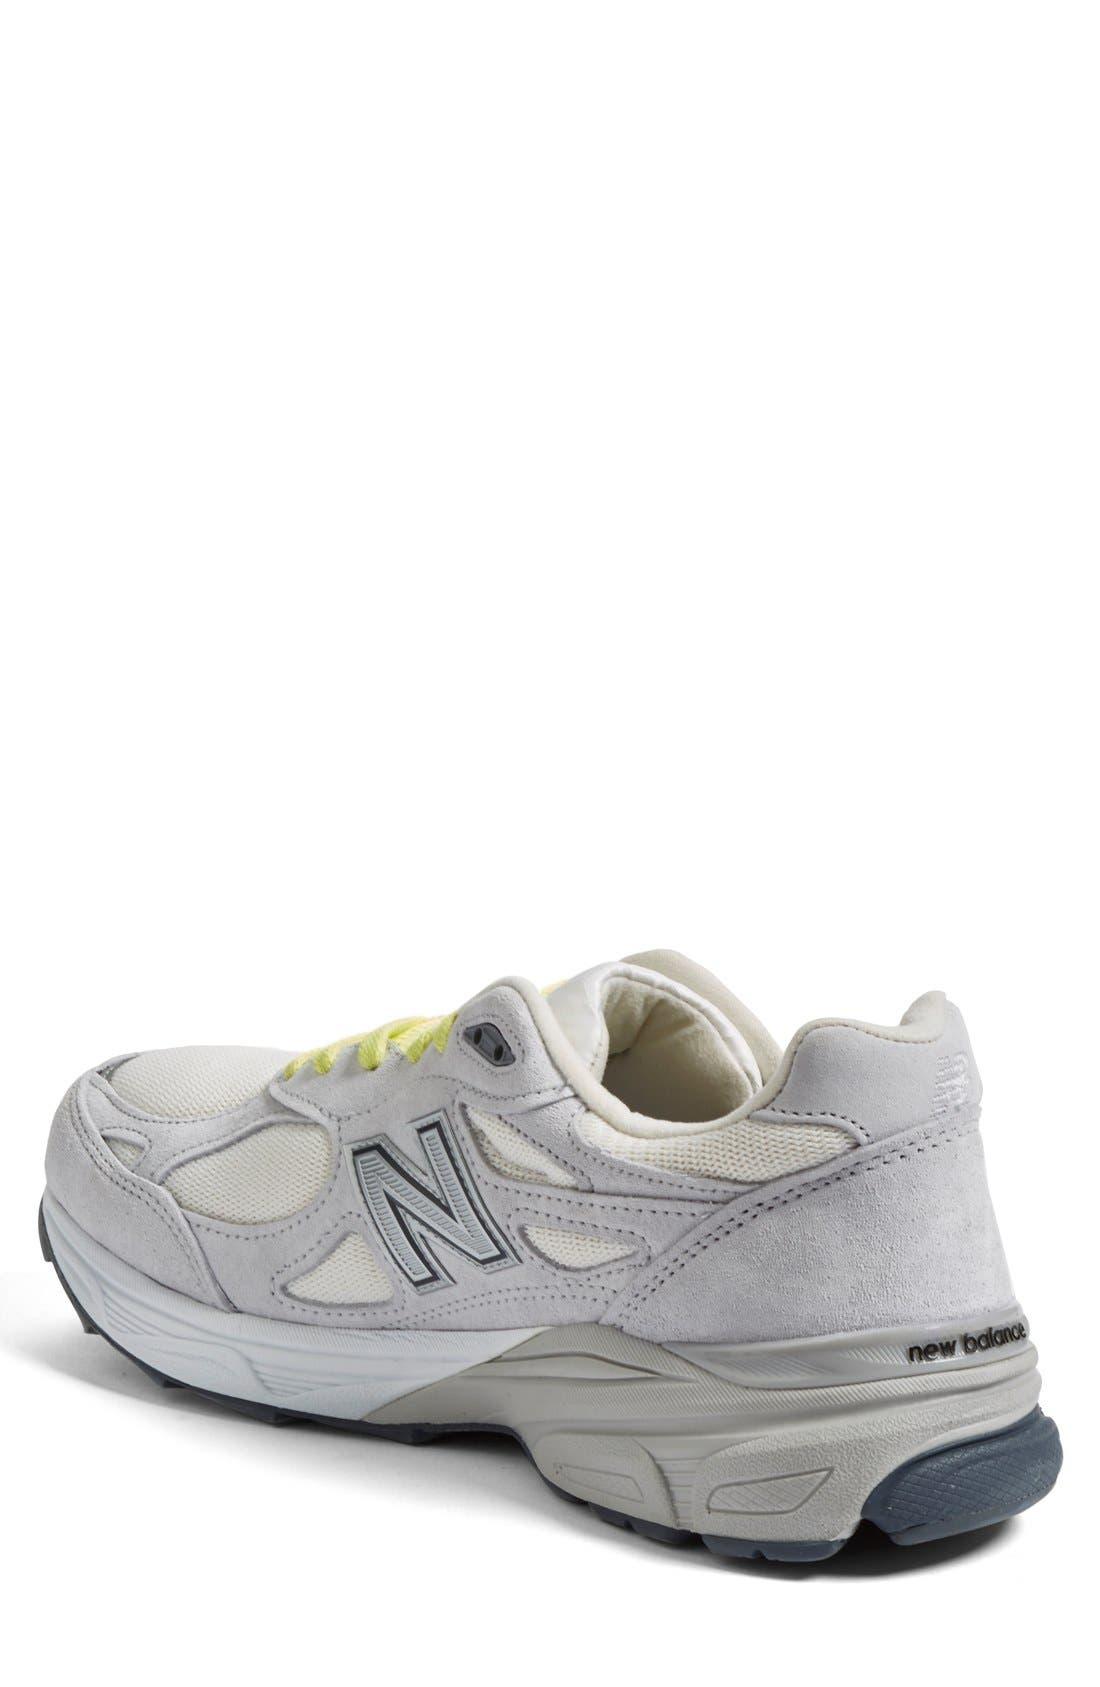 '990v3' Running Shoe,                             Alternate thumbnail 6, color,                             020